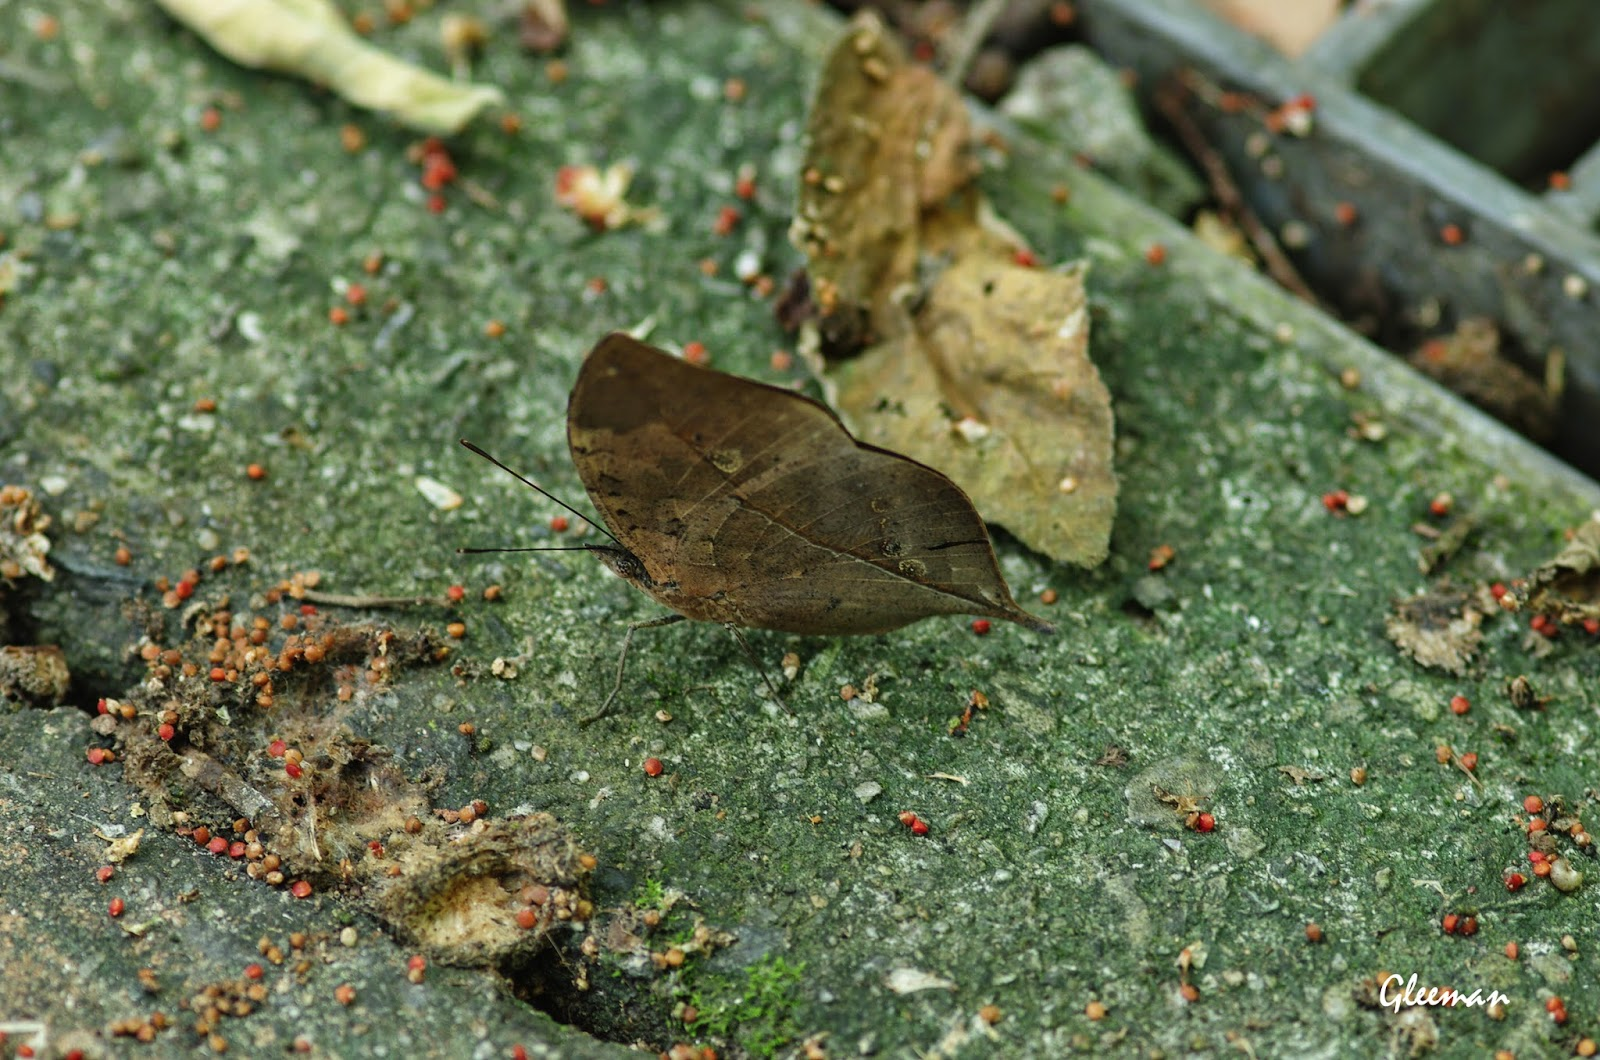 終於在這裡看見枯葉蝶了。於雞南山。